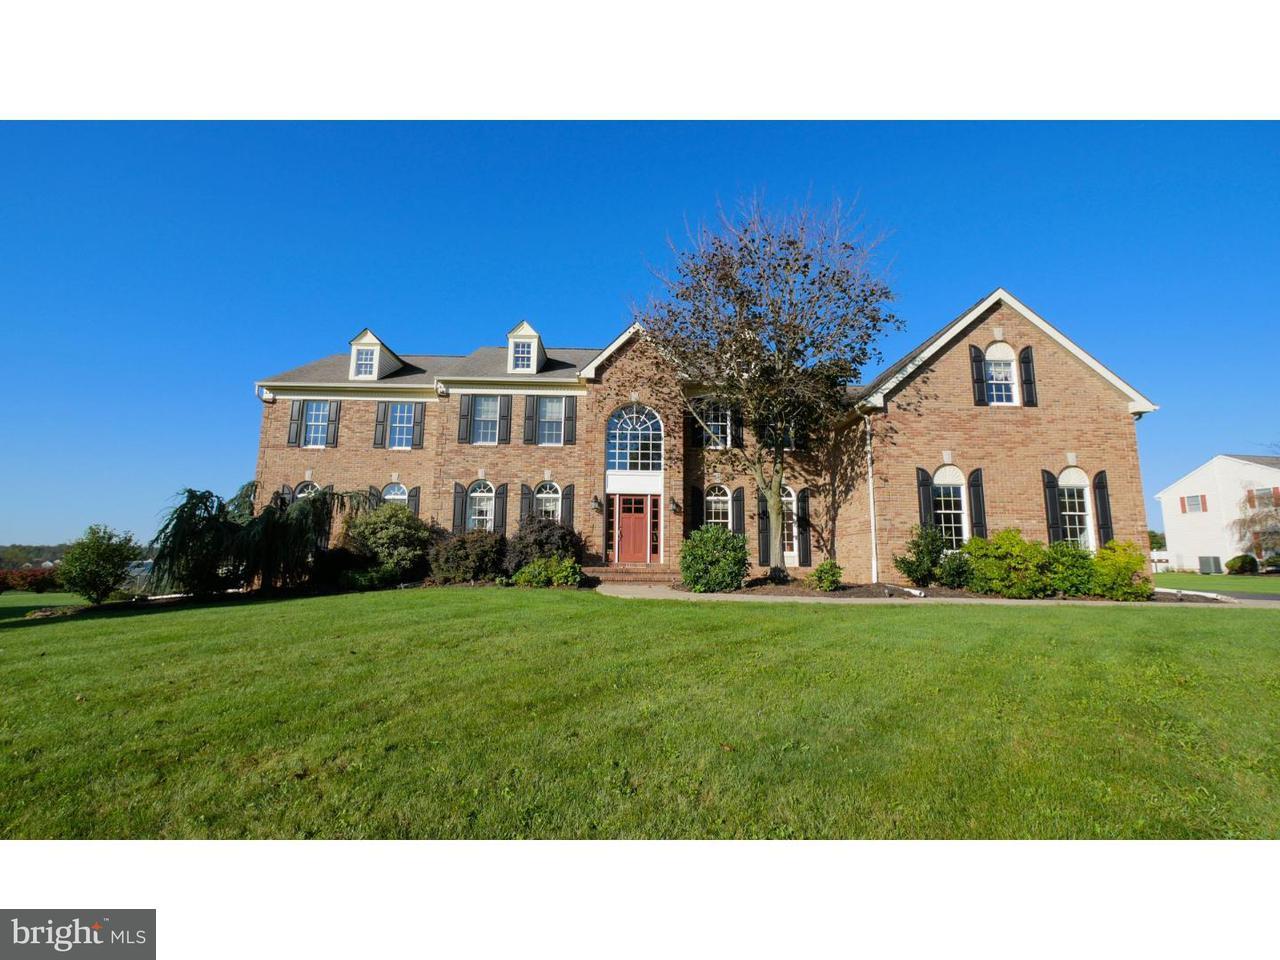 独户住宅 为 出租 在 2153 HILLCREST Road 夸克敦, 宾夕法尼亚州 18951 美国